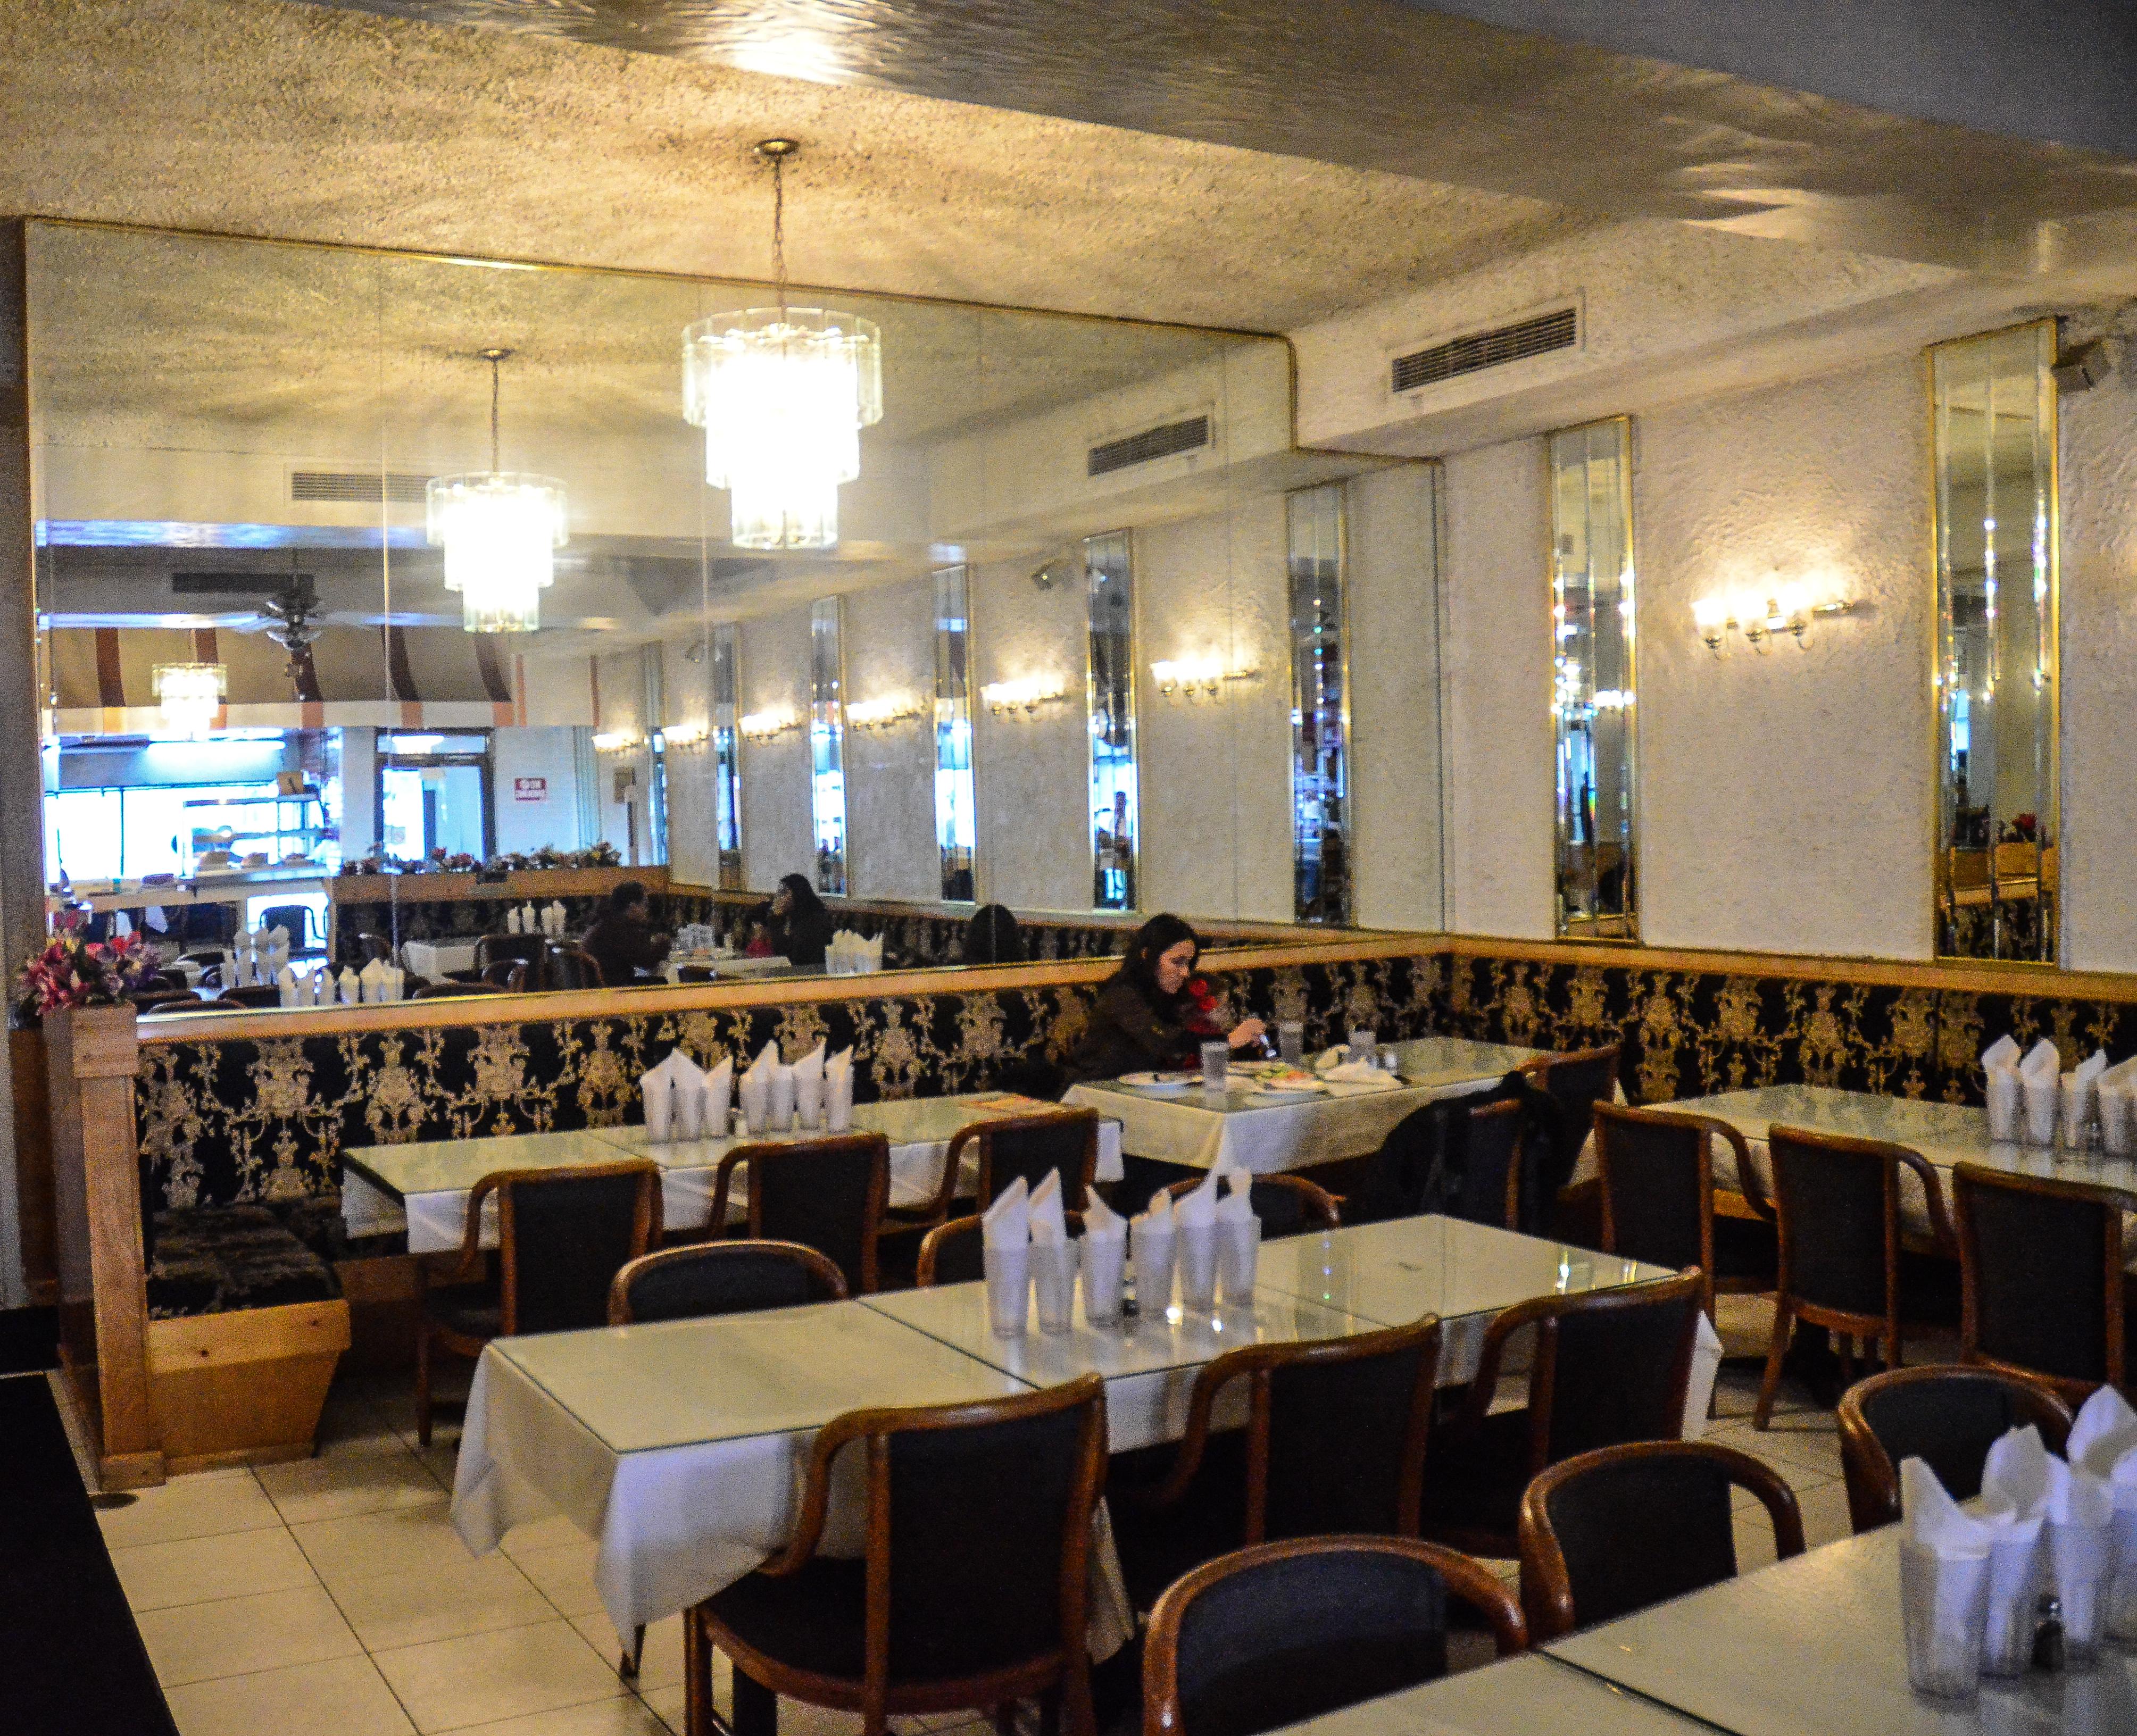 Indian pakistani restaurant devon ave chicago charlie billups